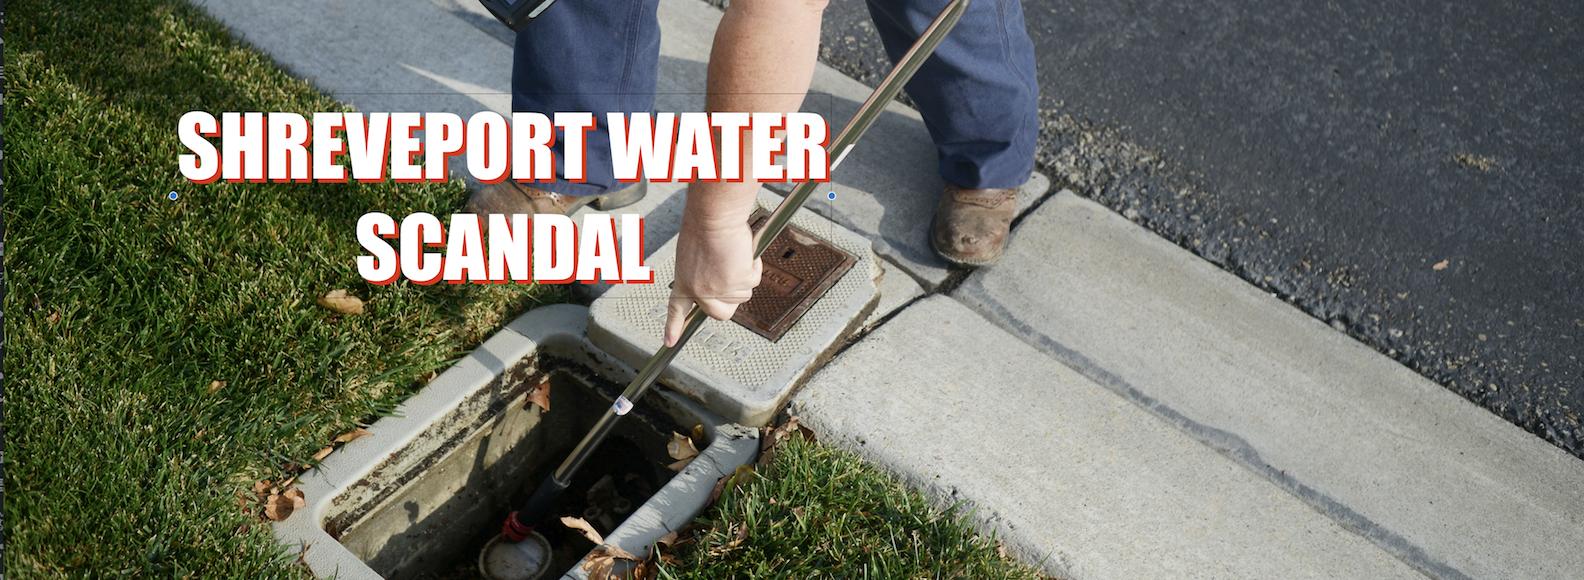 water scandal 3